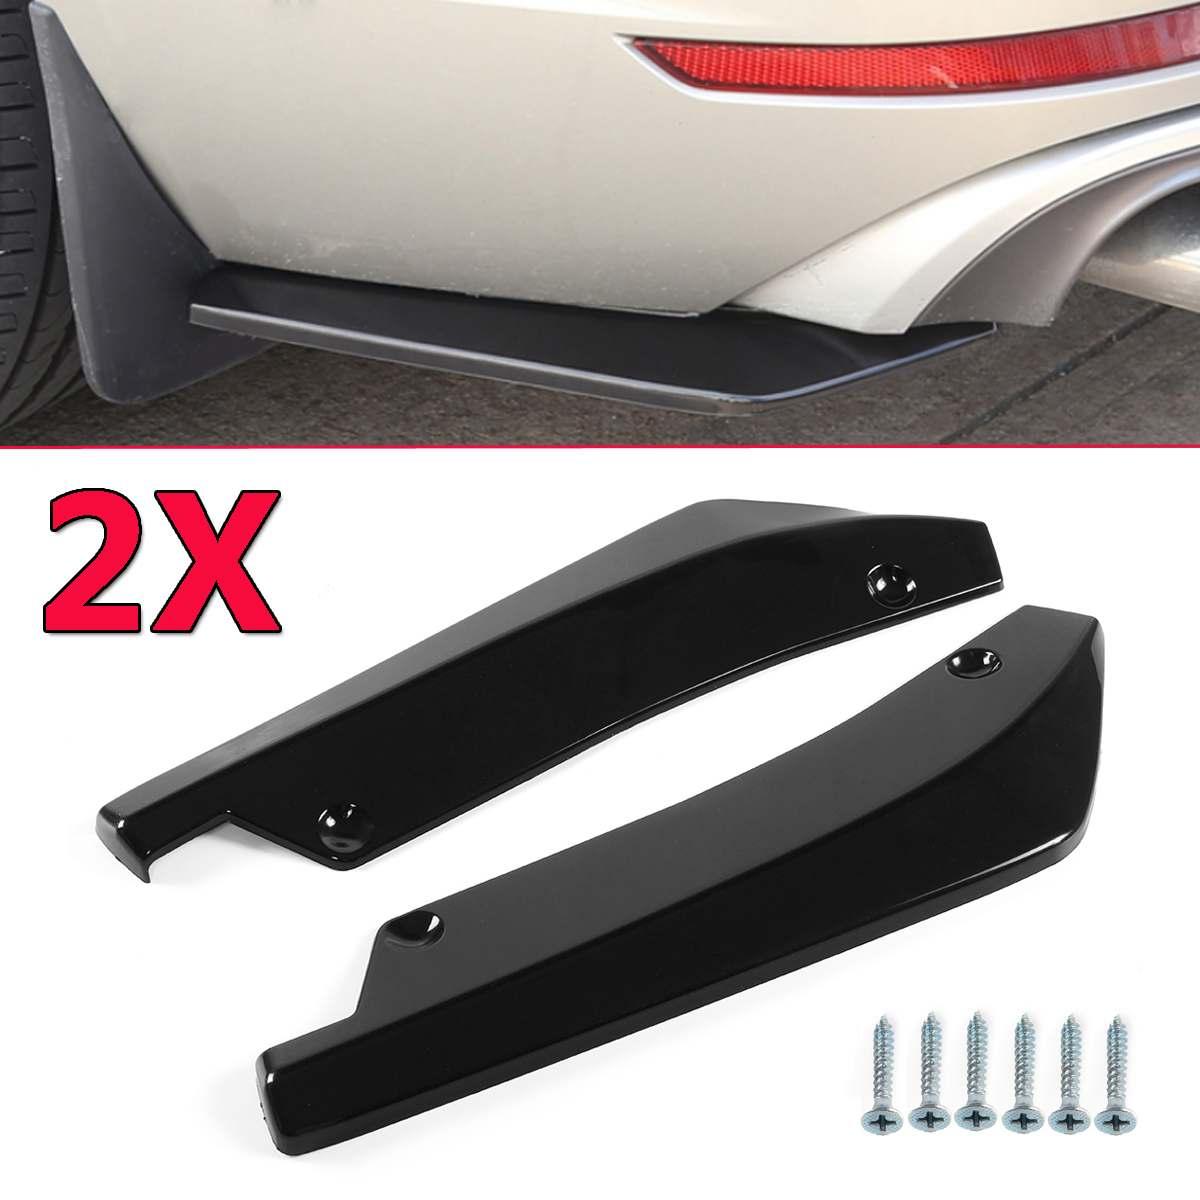 2PCS คาร์บอนไฟเบอร์/สีดำรถกันชนด้านหลังลิป Diffuser Splitter Canard สปอยเลอร์สำหรับ Benz สำหรับ BMW สำหรับ Ford